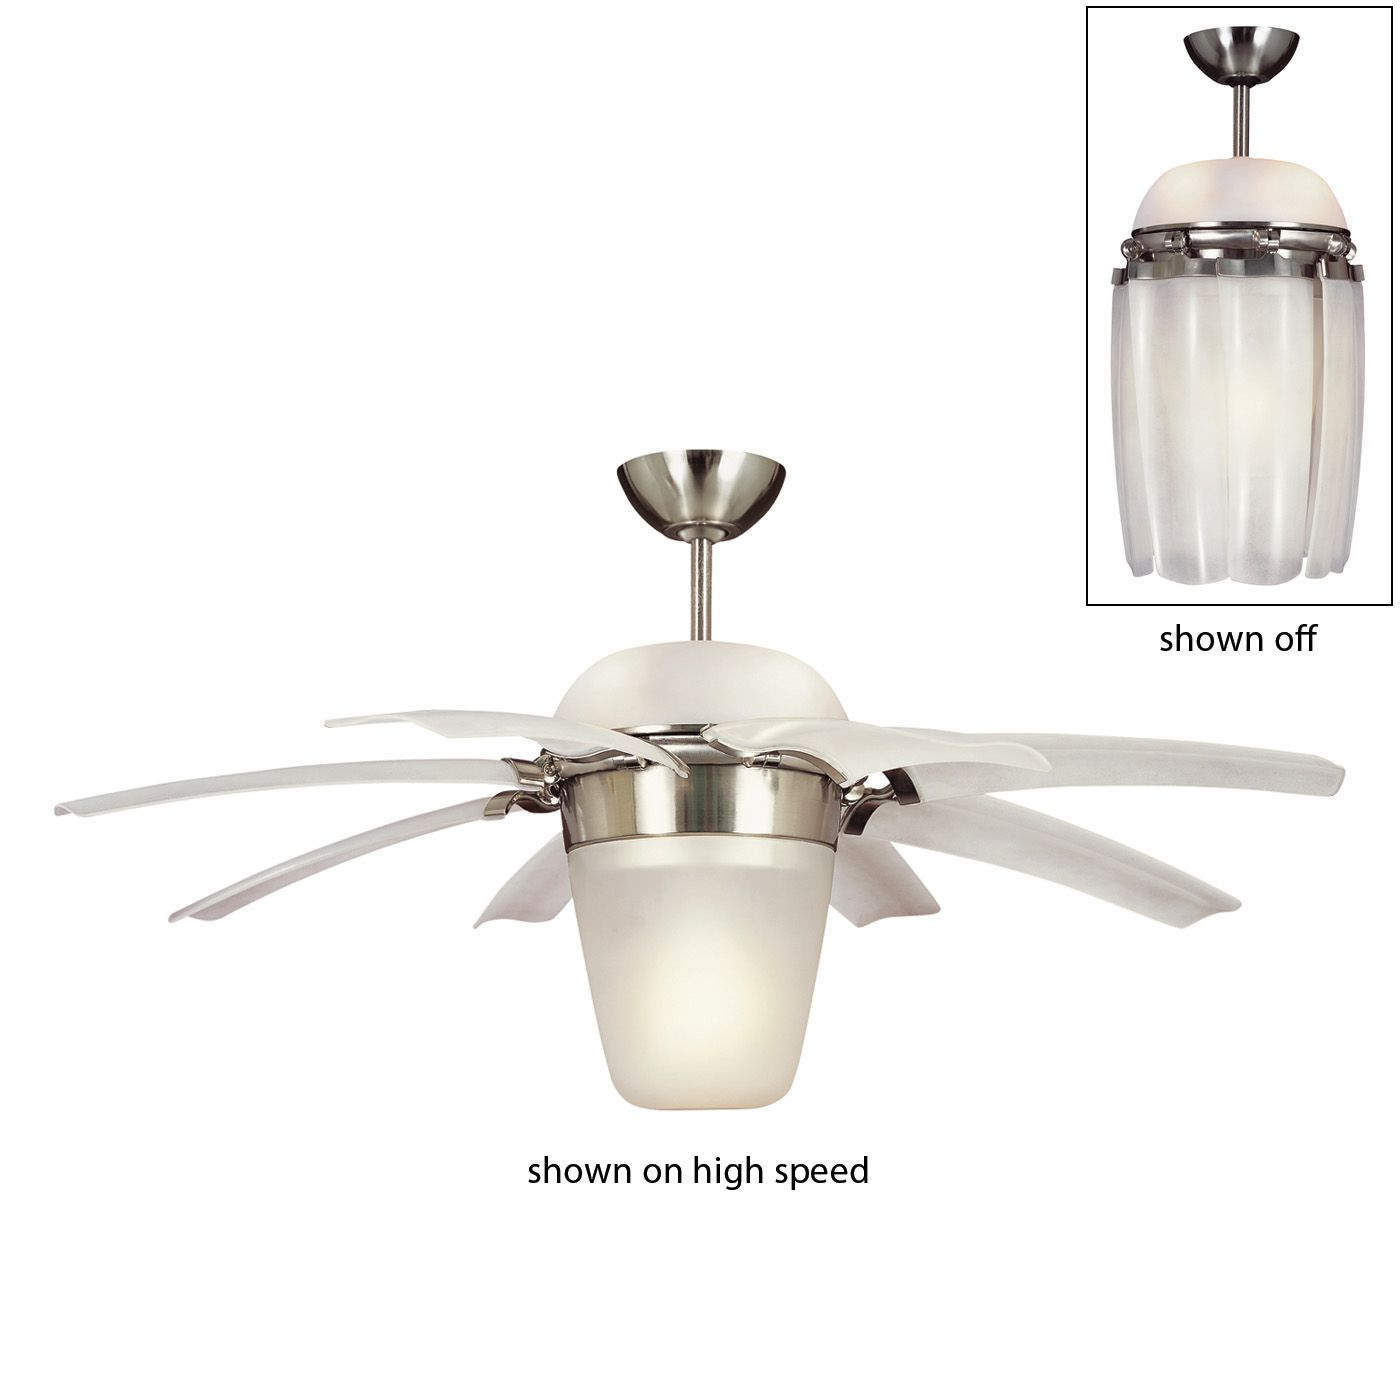 Monte Carlo Fan 8ATR44BSD L 5 Light 44in Airlift Ceiling Fan